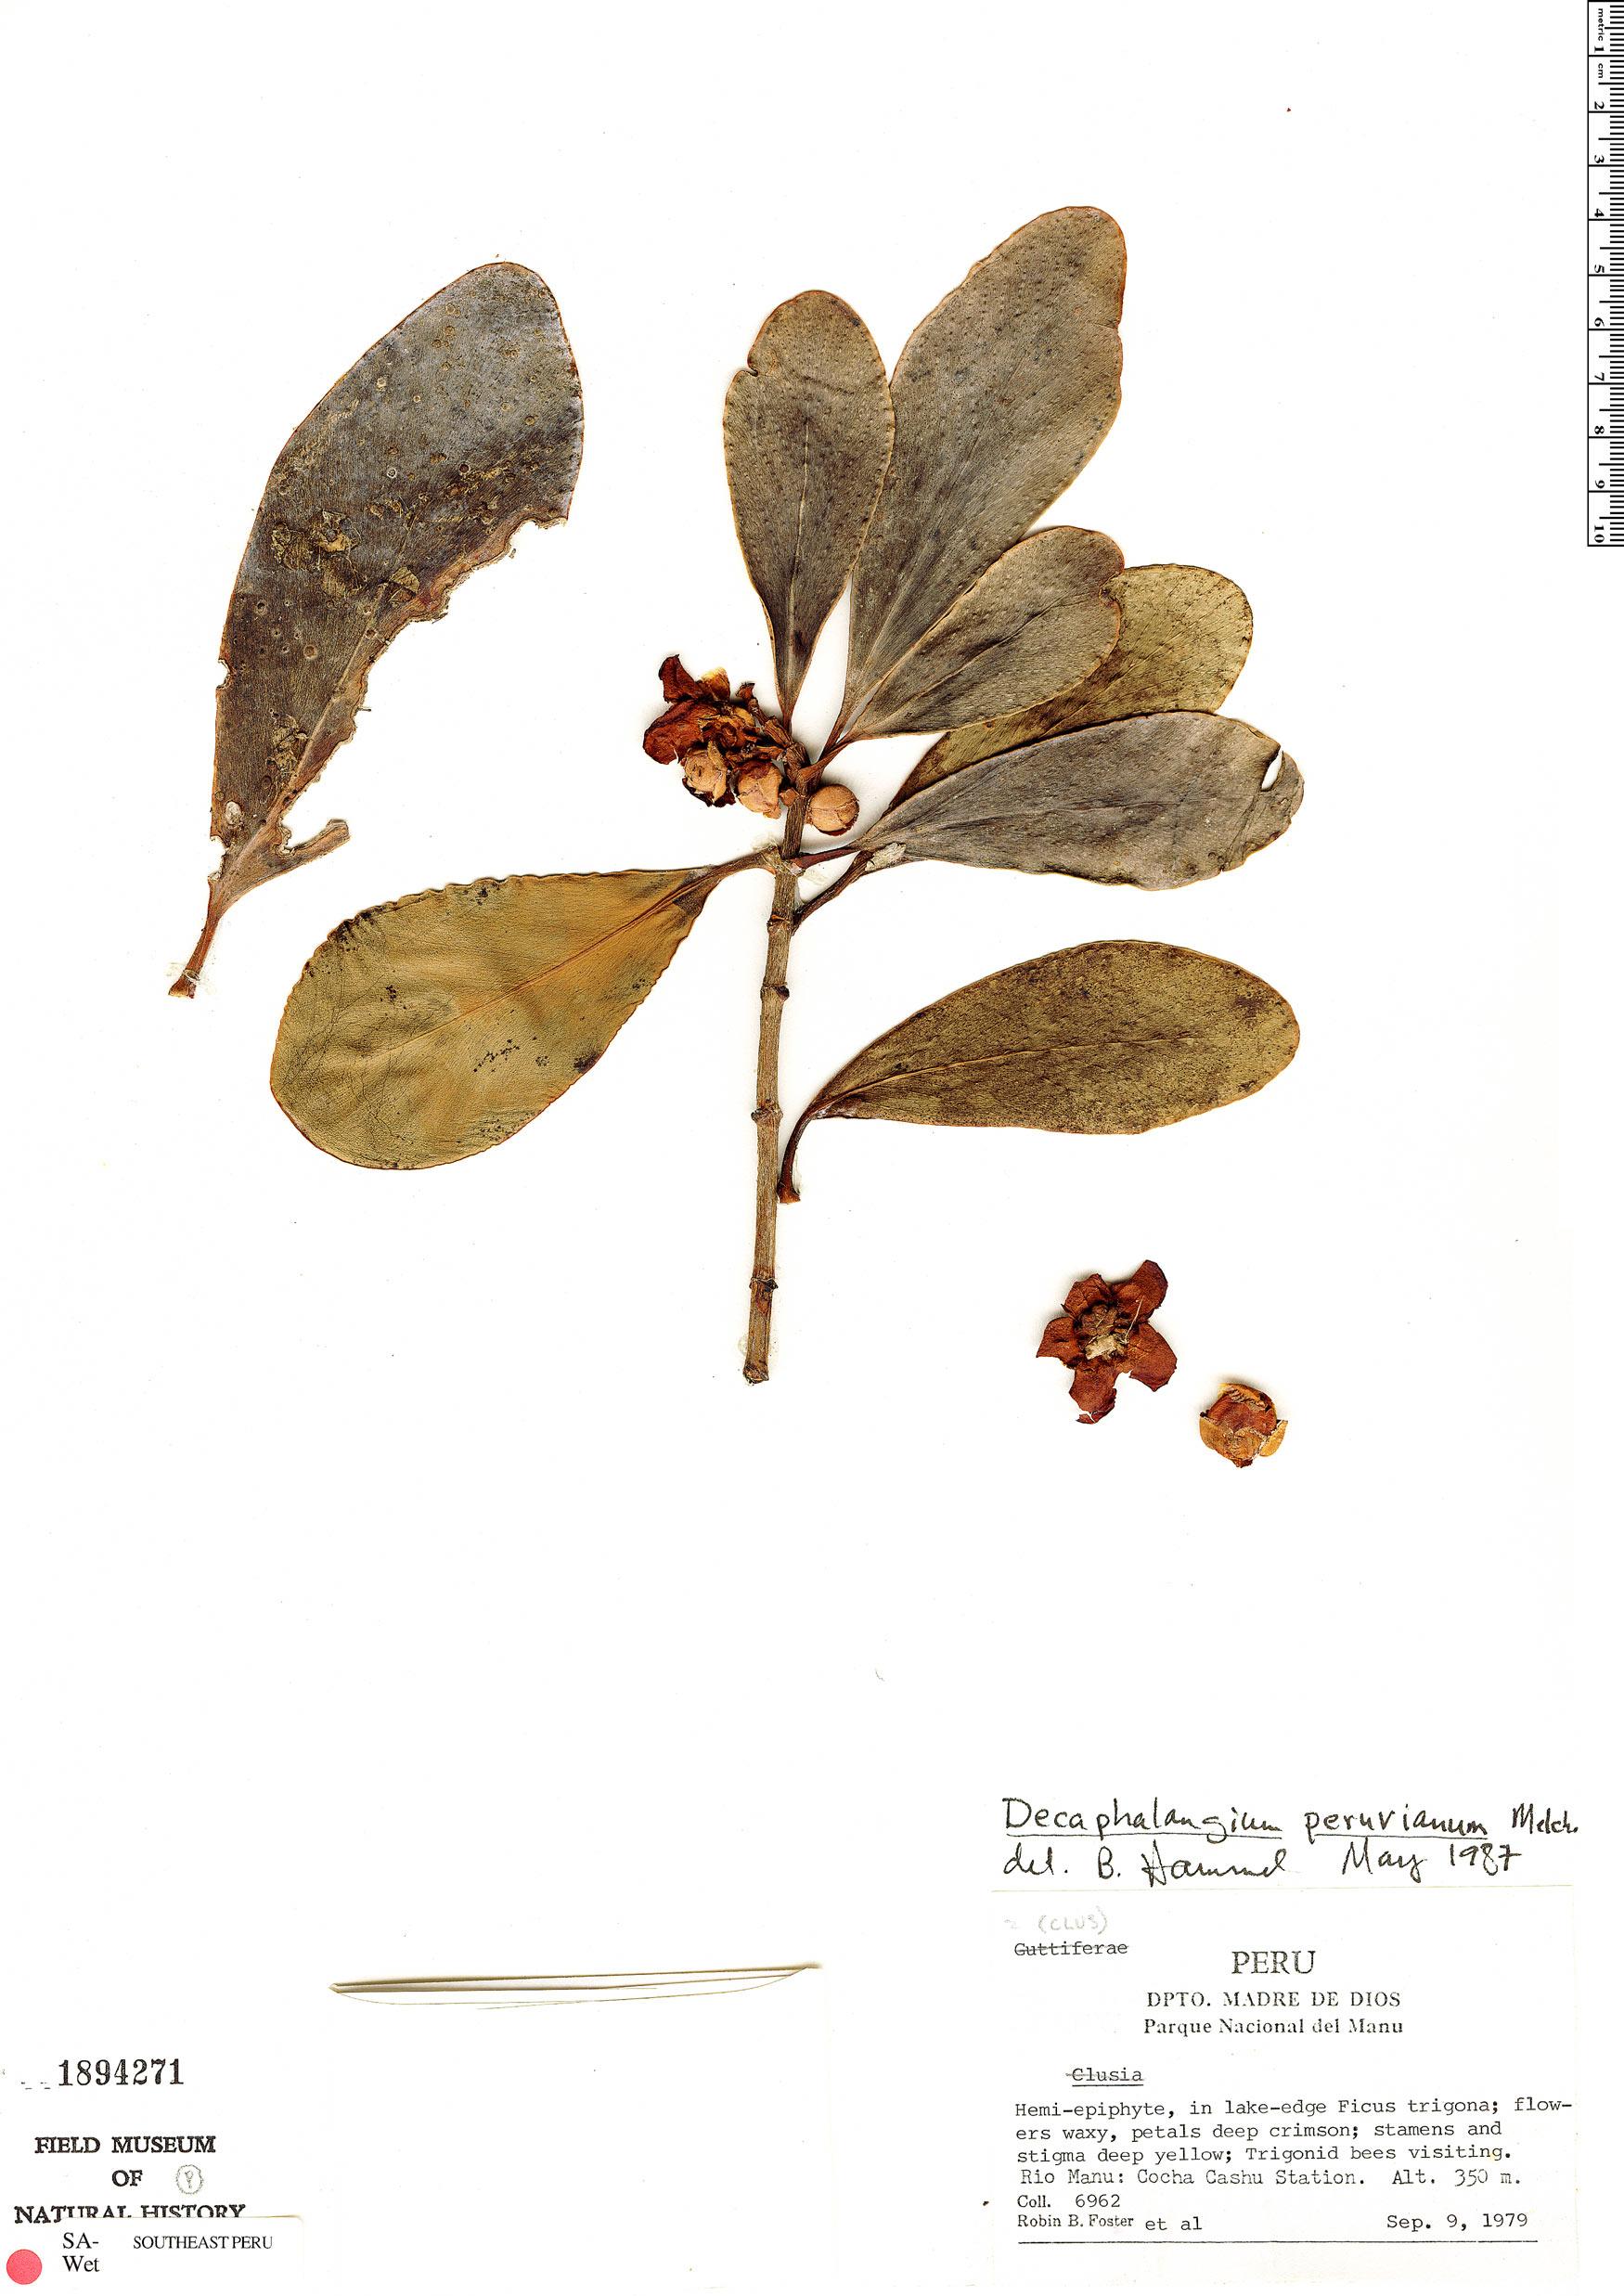 Specimen: Clusia nigrolineata